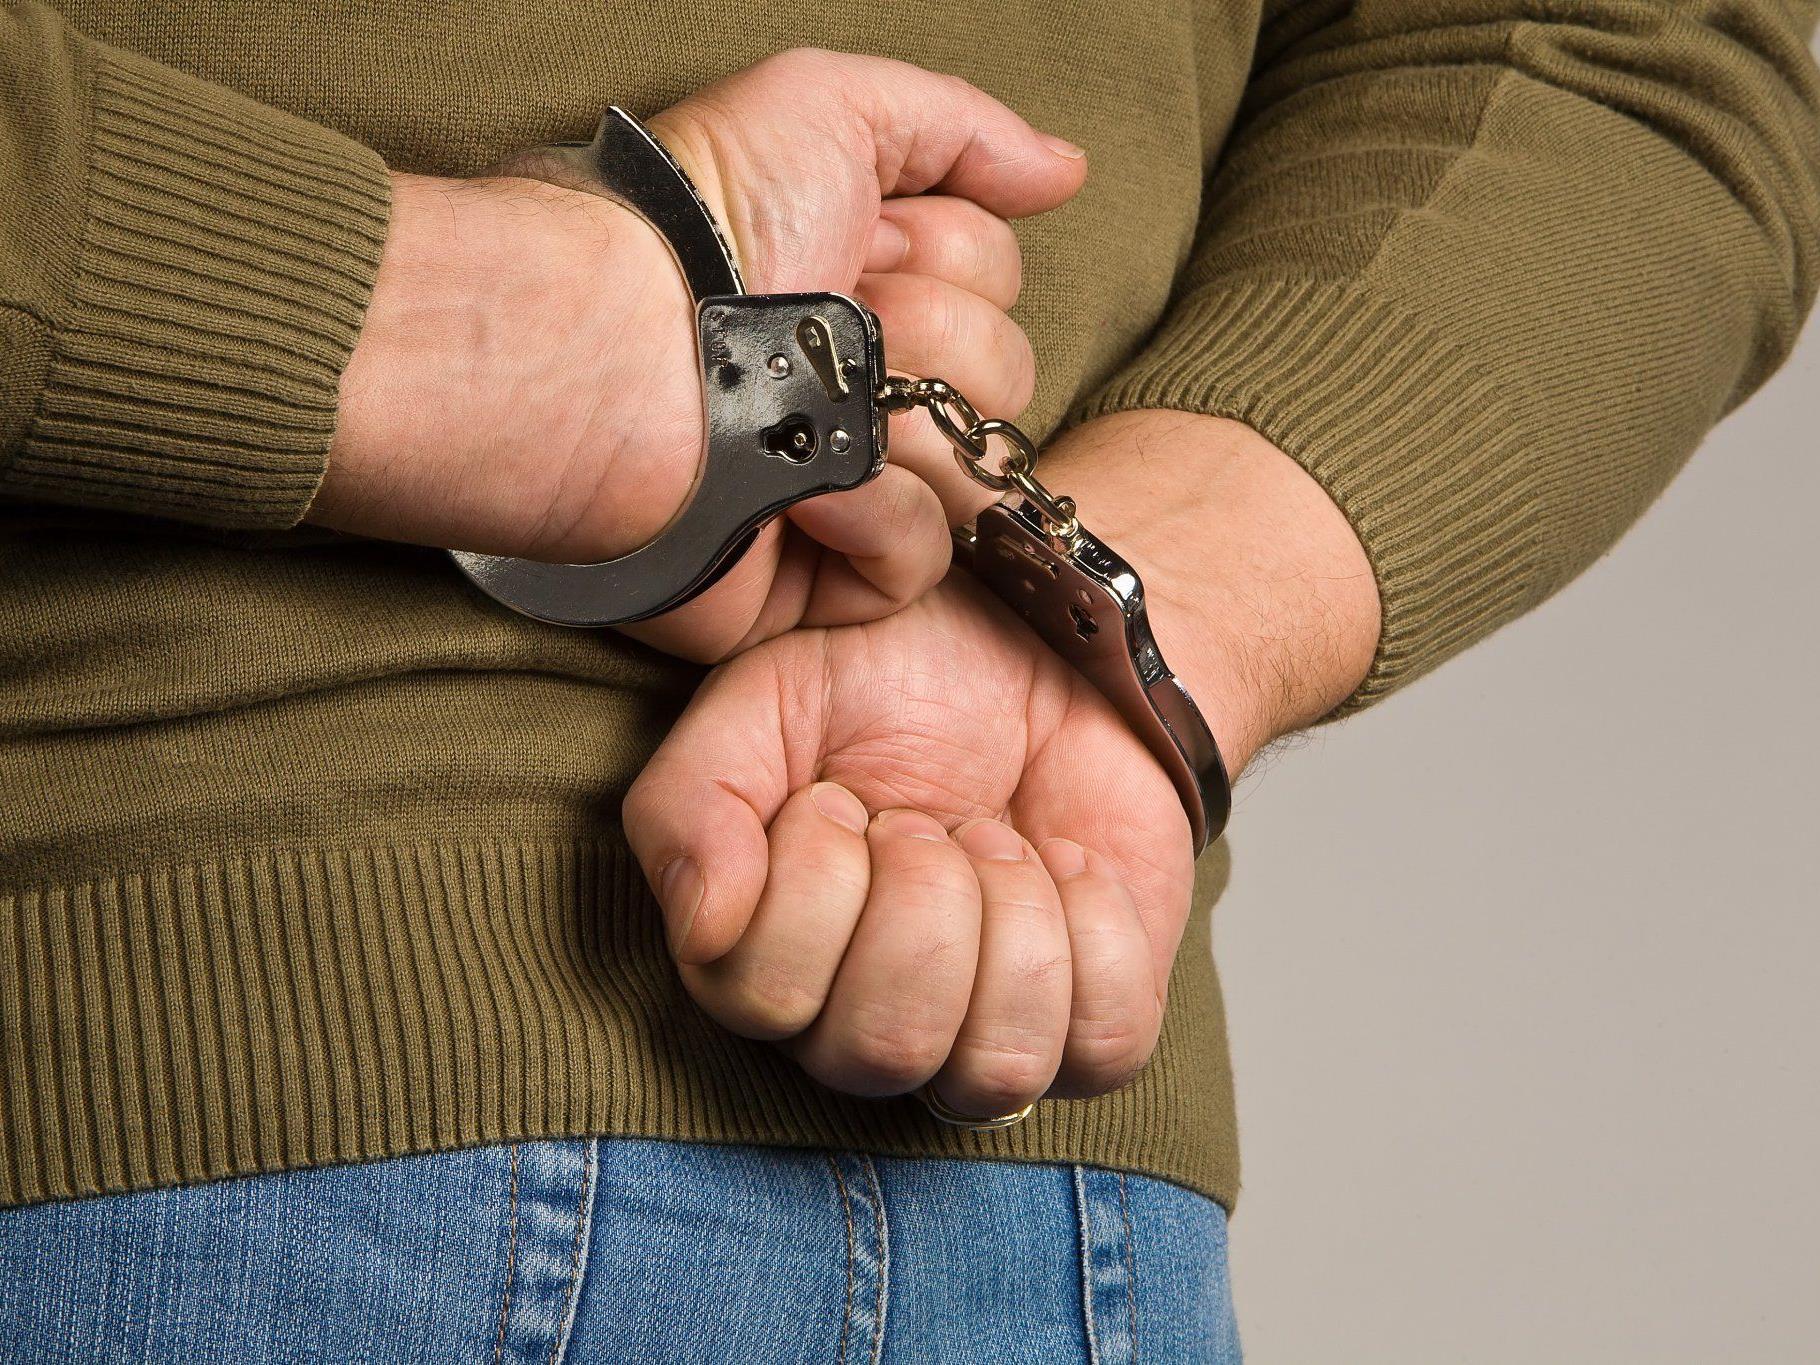 Festgenommen wurde der Mann, und das ohne Gegenwehr